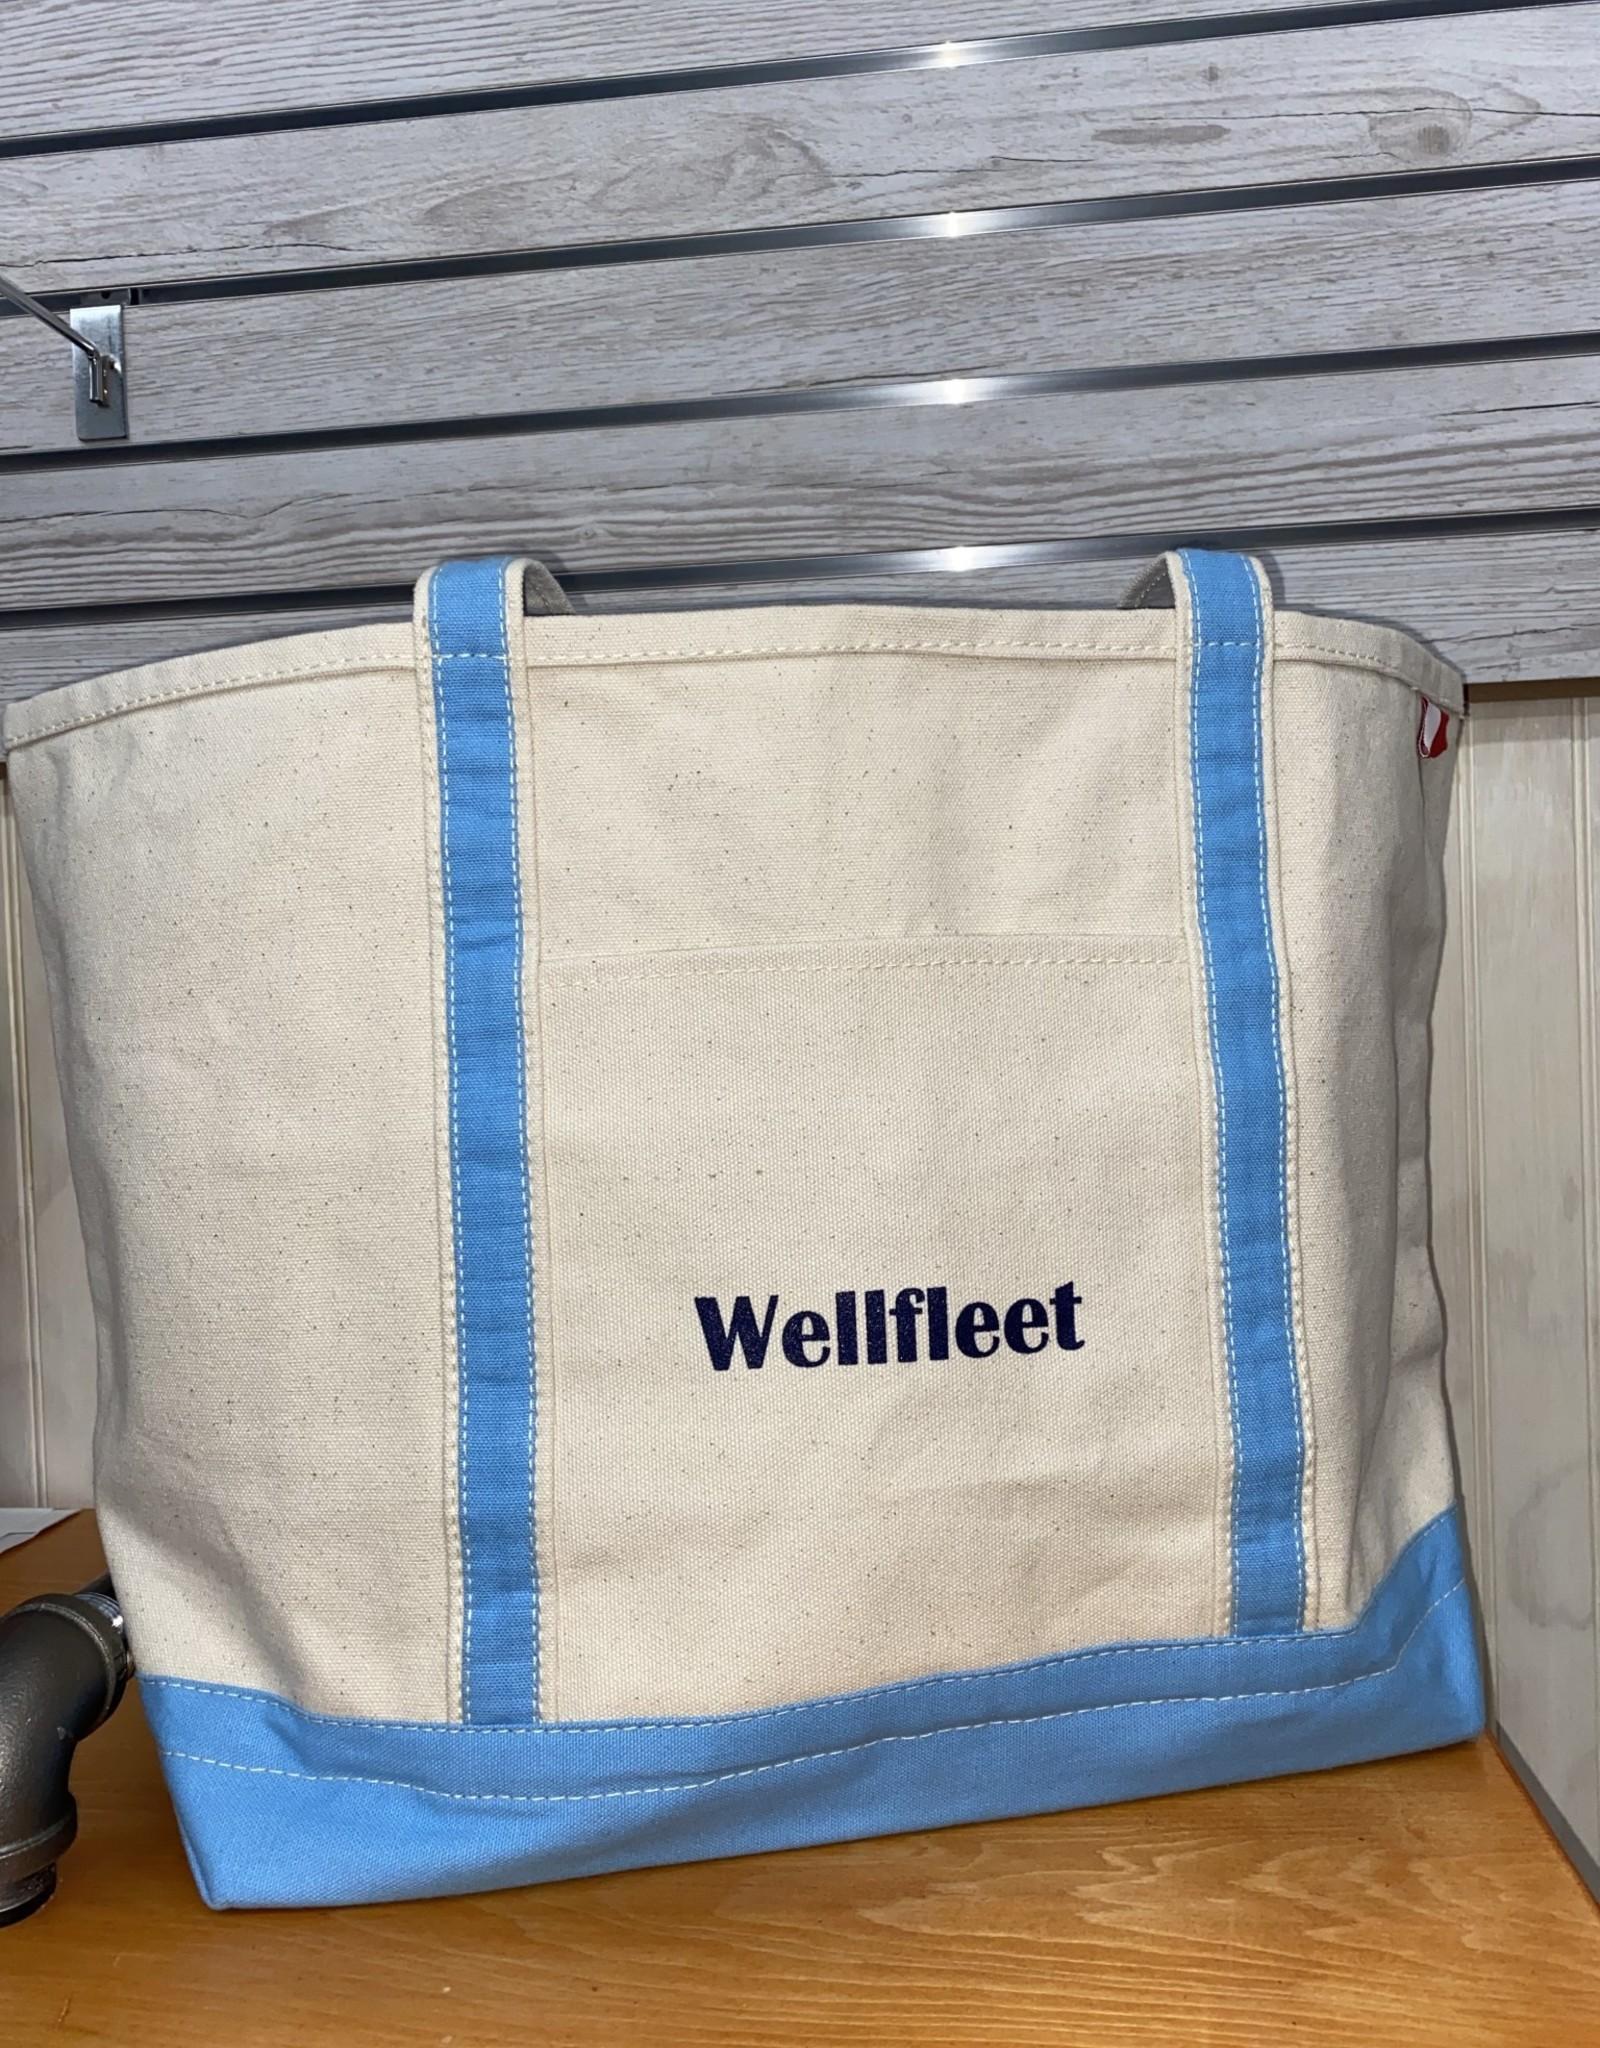 Shore Bags Wellfleet Light Blue Beach Bag - Large